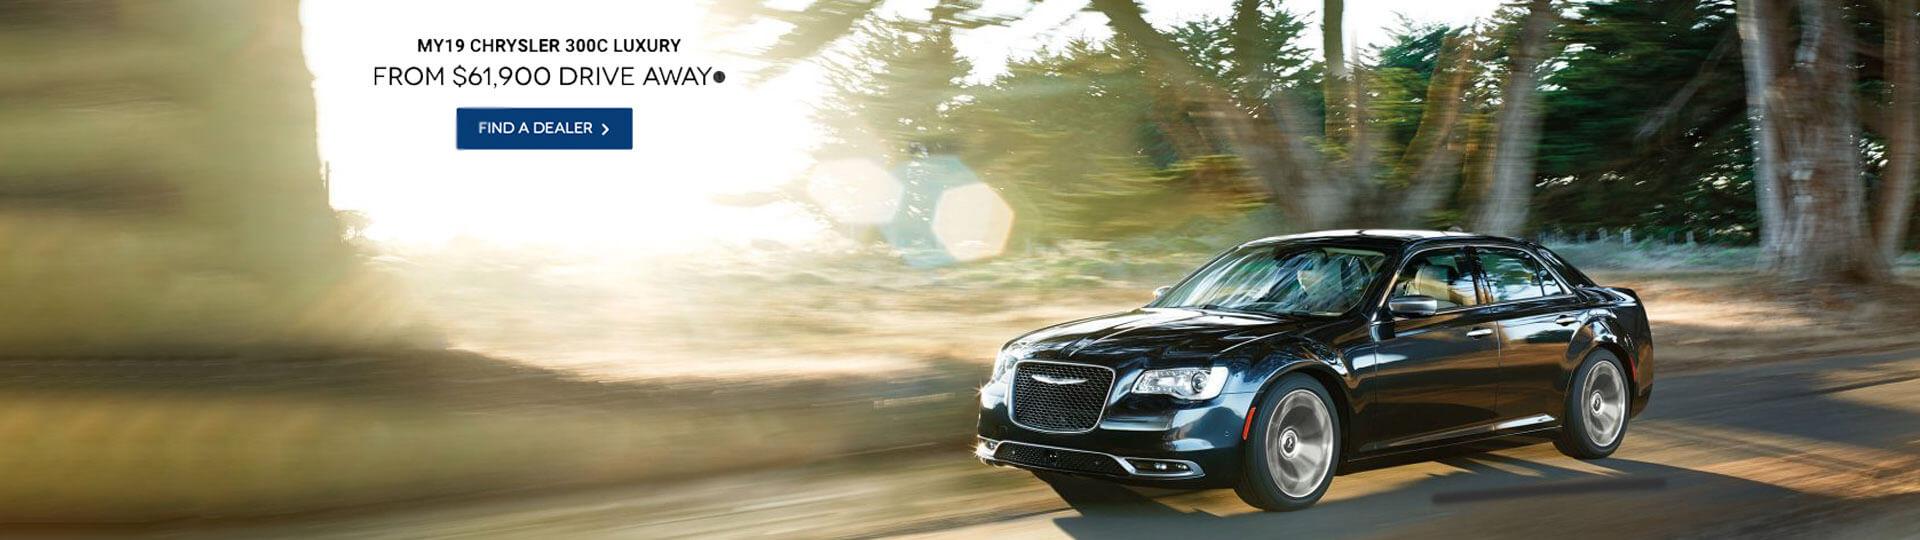 Chrysler Offers